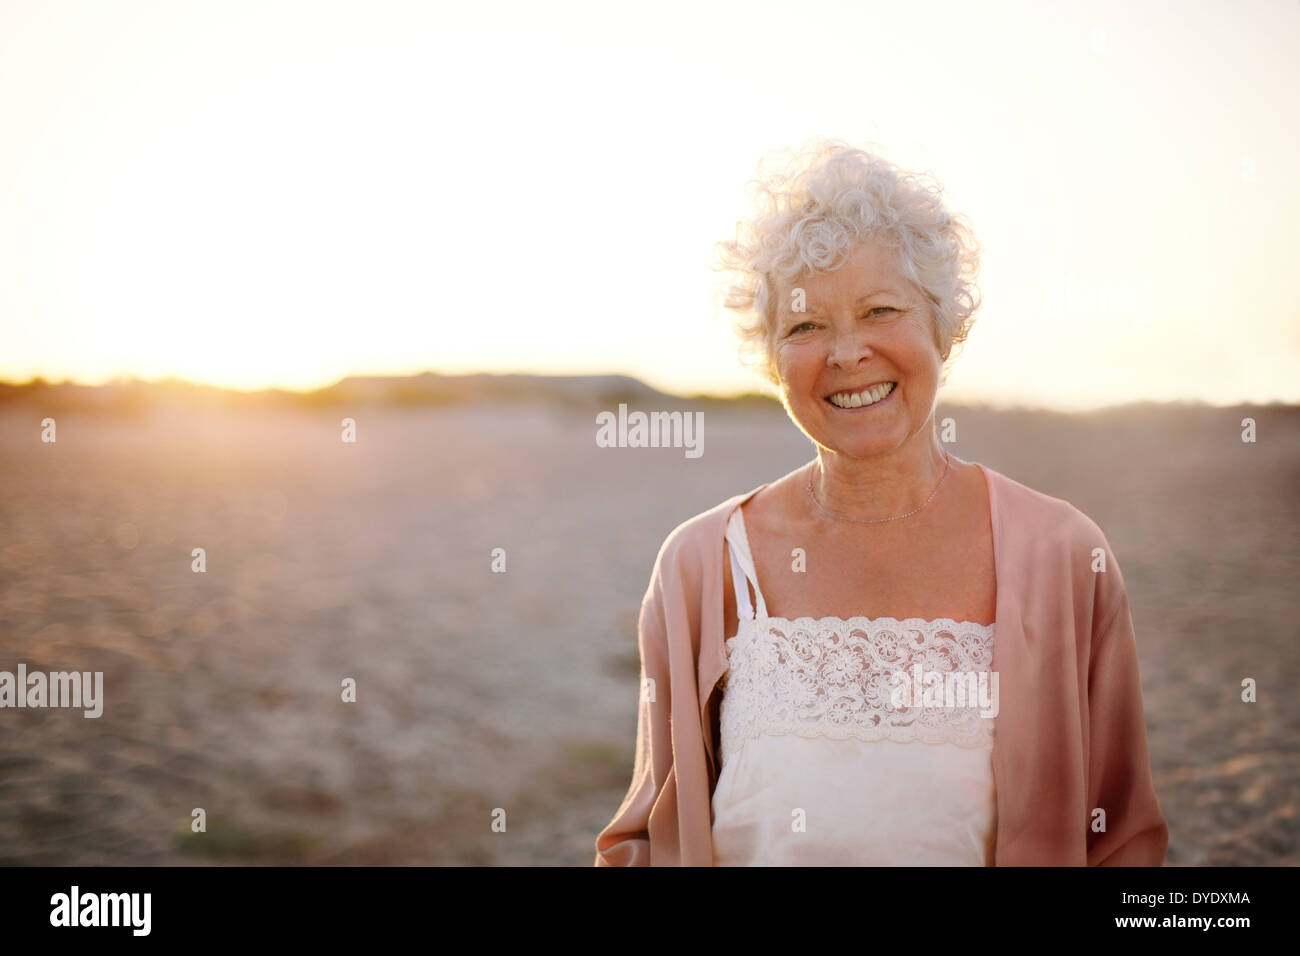 Portrait de vieille femme gaie debout sur la plage. Smiling caucasian female smiling outdoors. Photo Stock